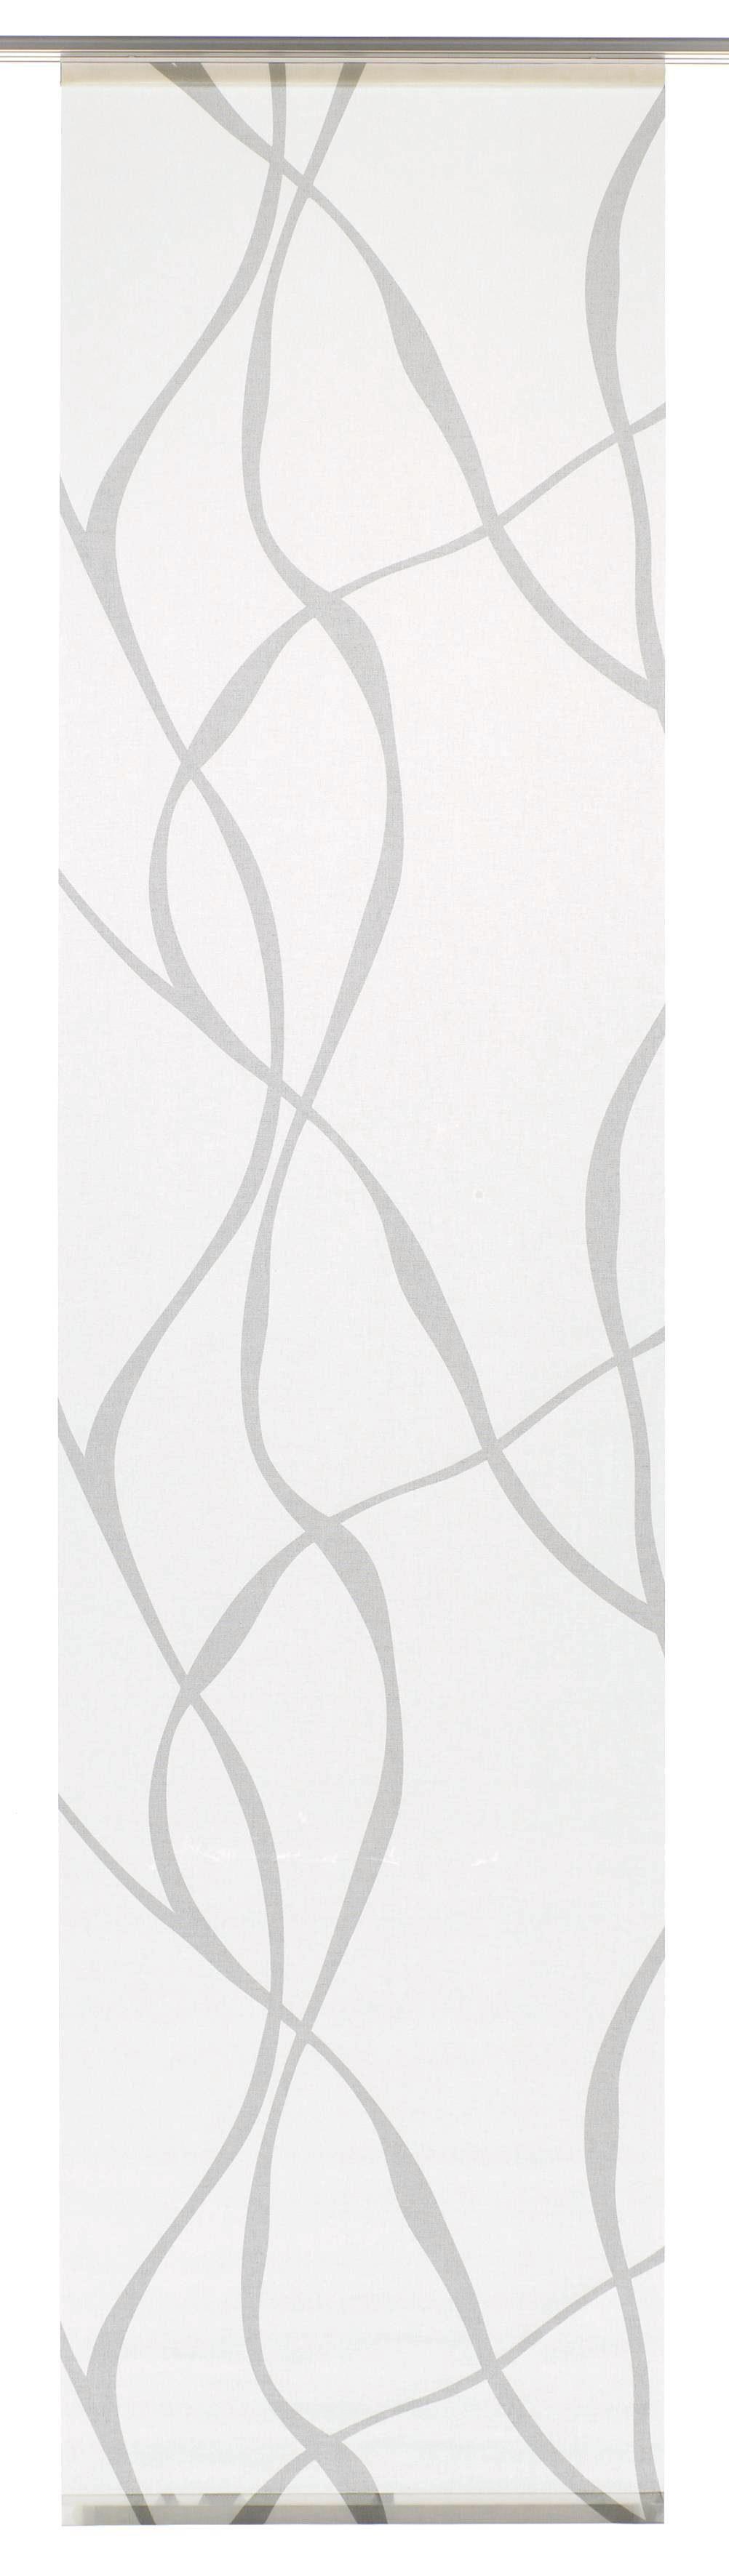 Schiebegardine, Gardinia, »Wave«, waschbar, 60 cm breit (1 Stück ohne Zubehör)